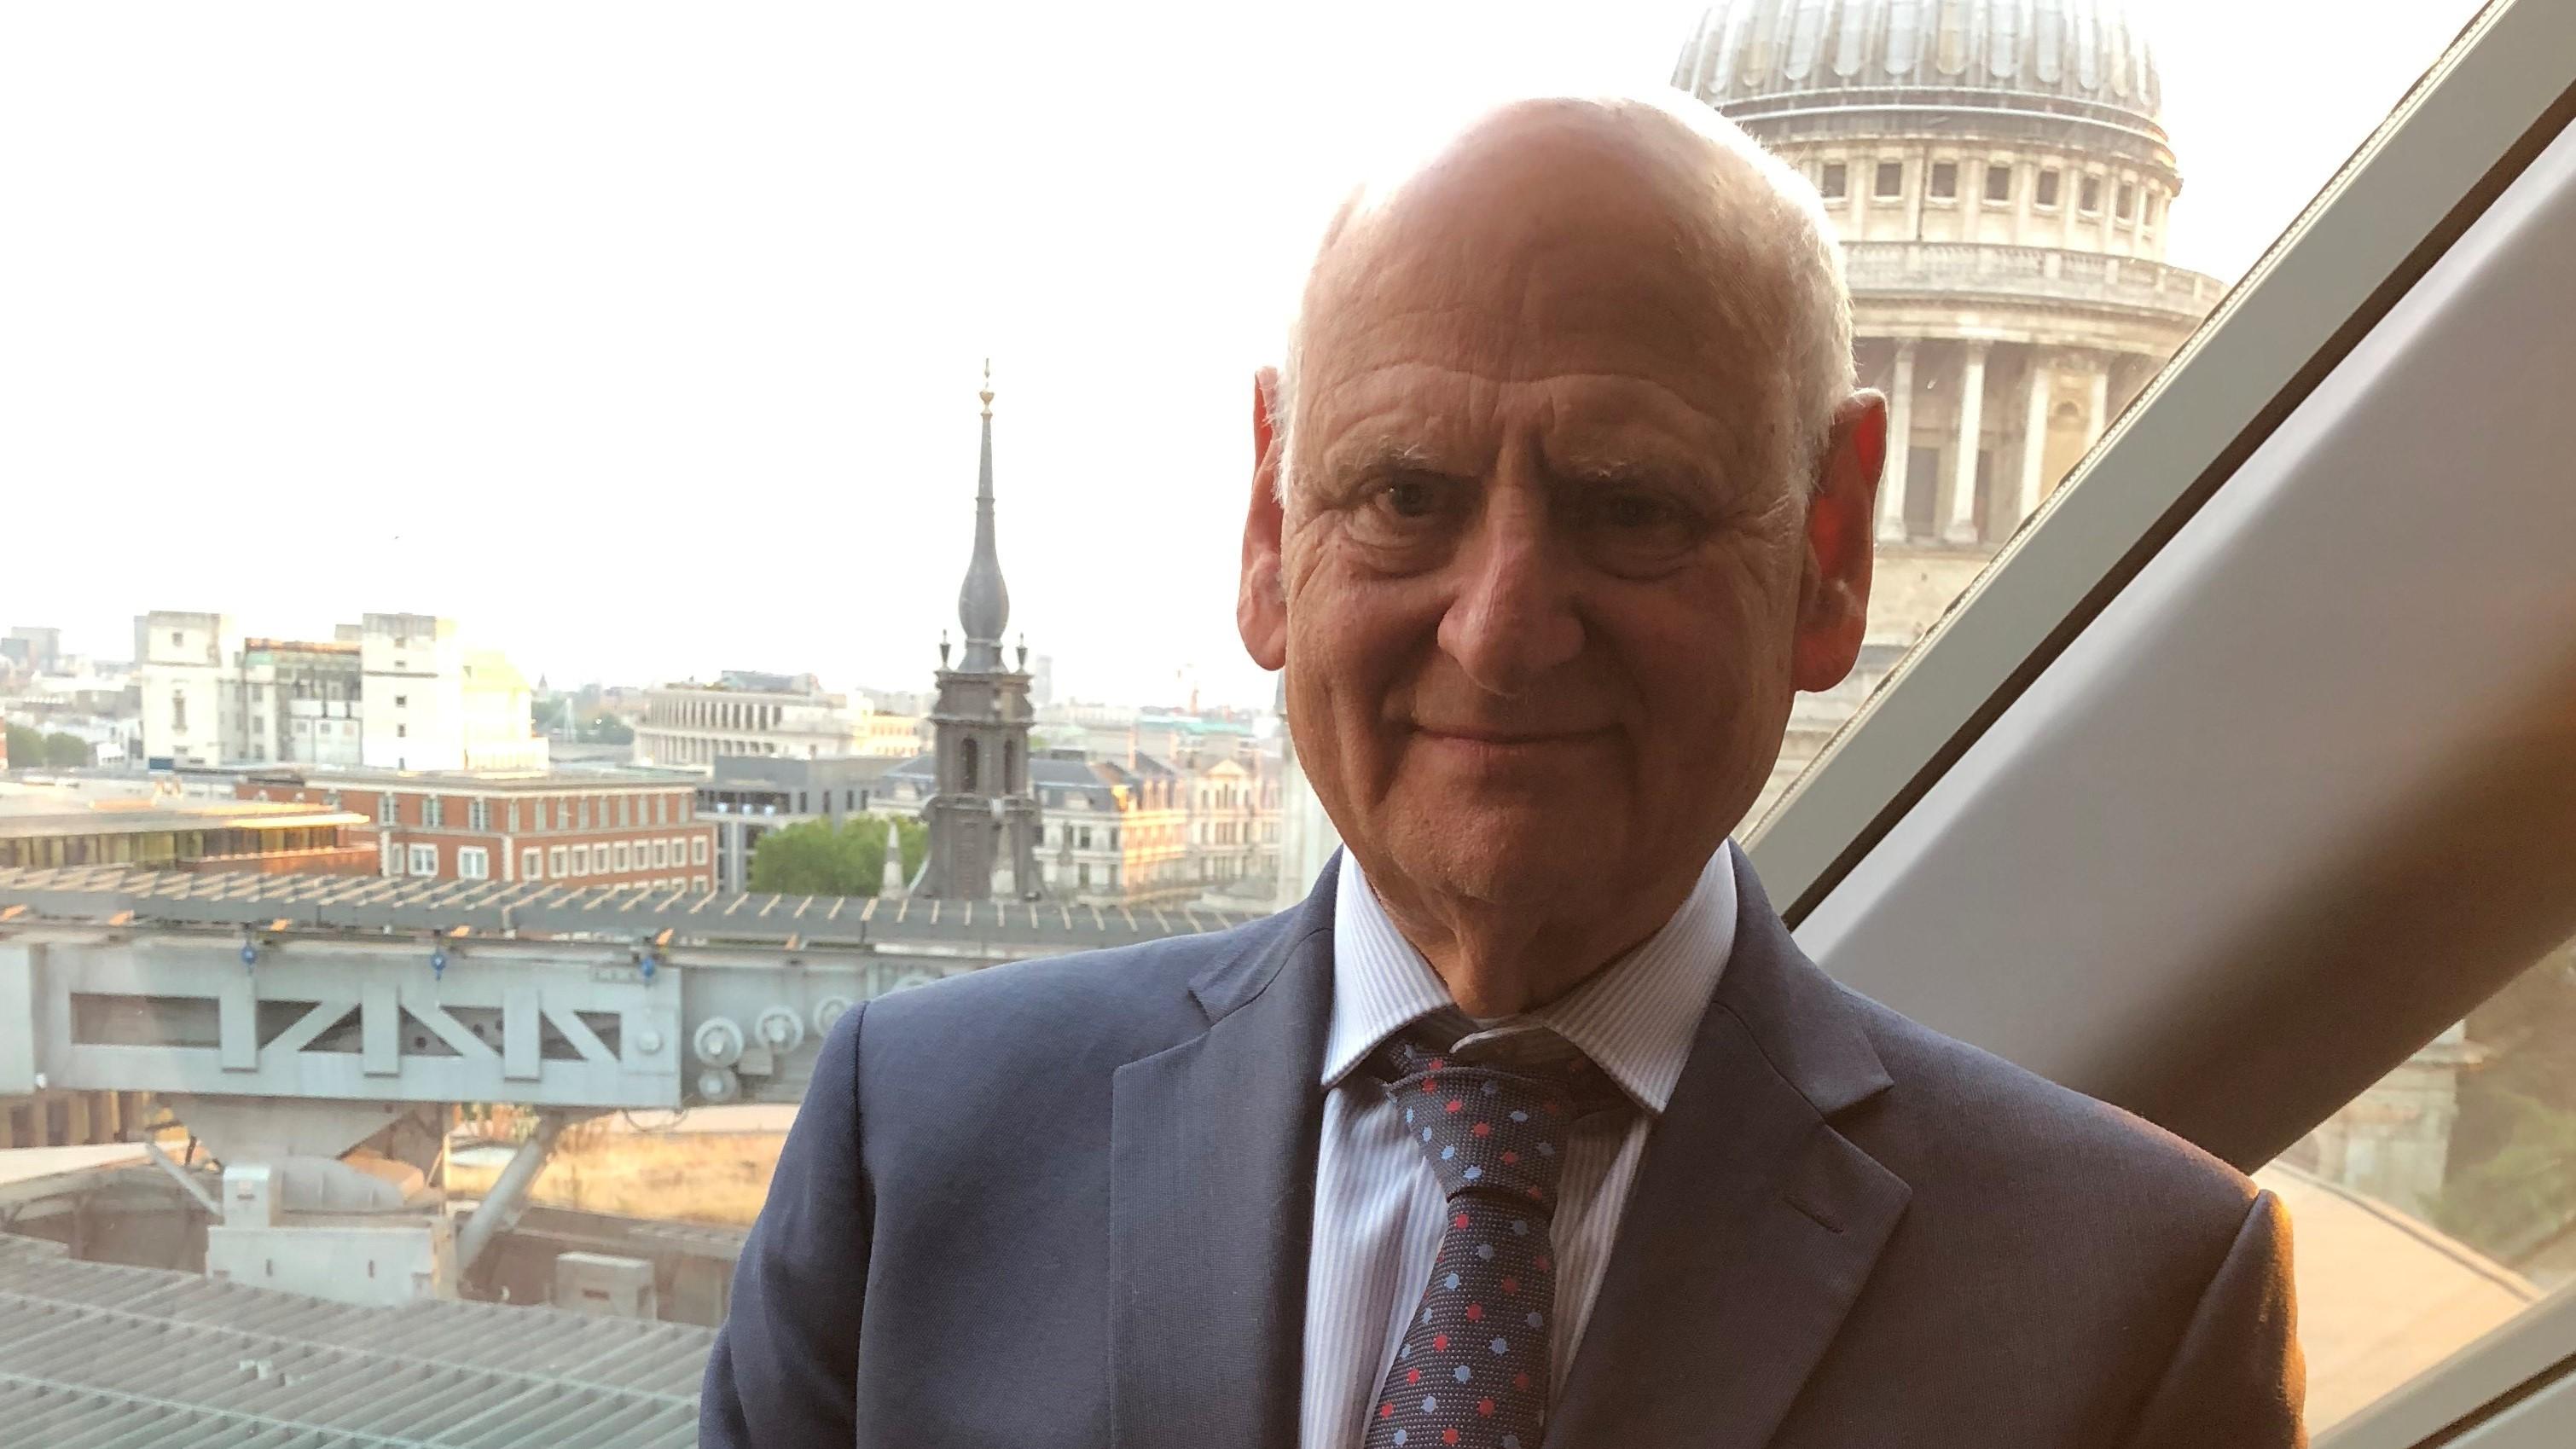 דן רווה פורש מרמון לונדון לאחר 35 שנה